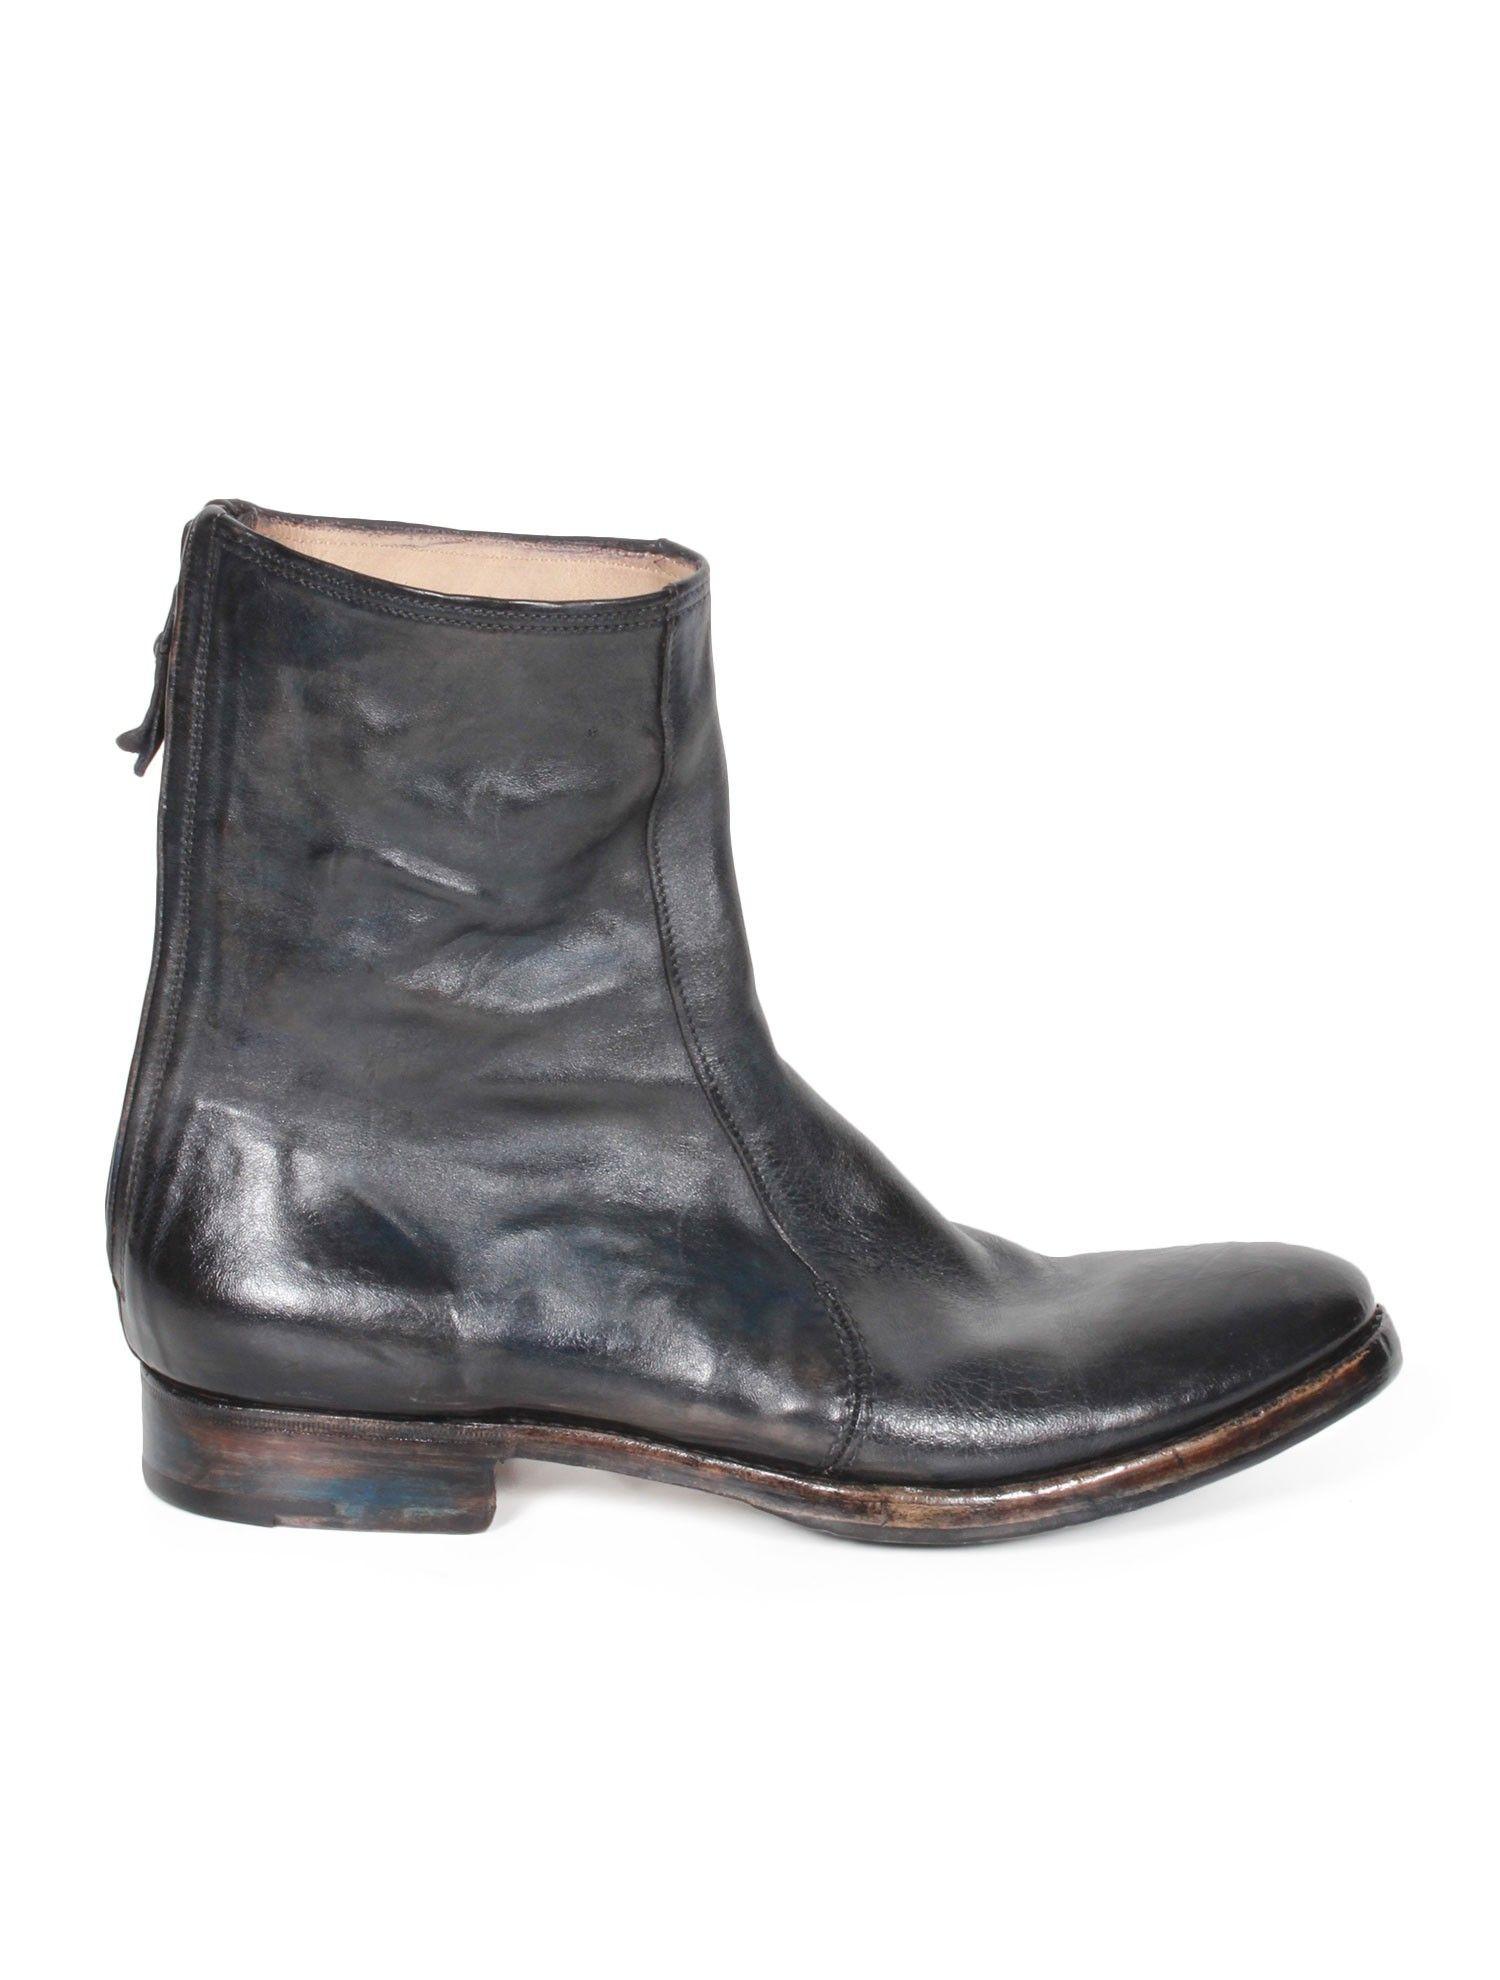 Chaussures - Bottes Premiata Flsmu